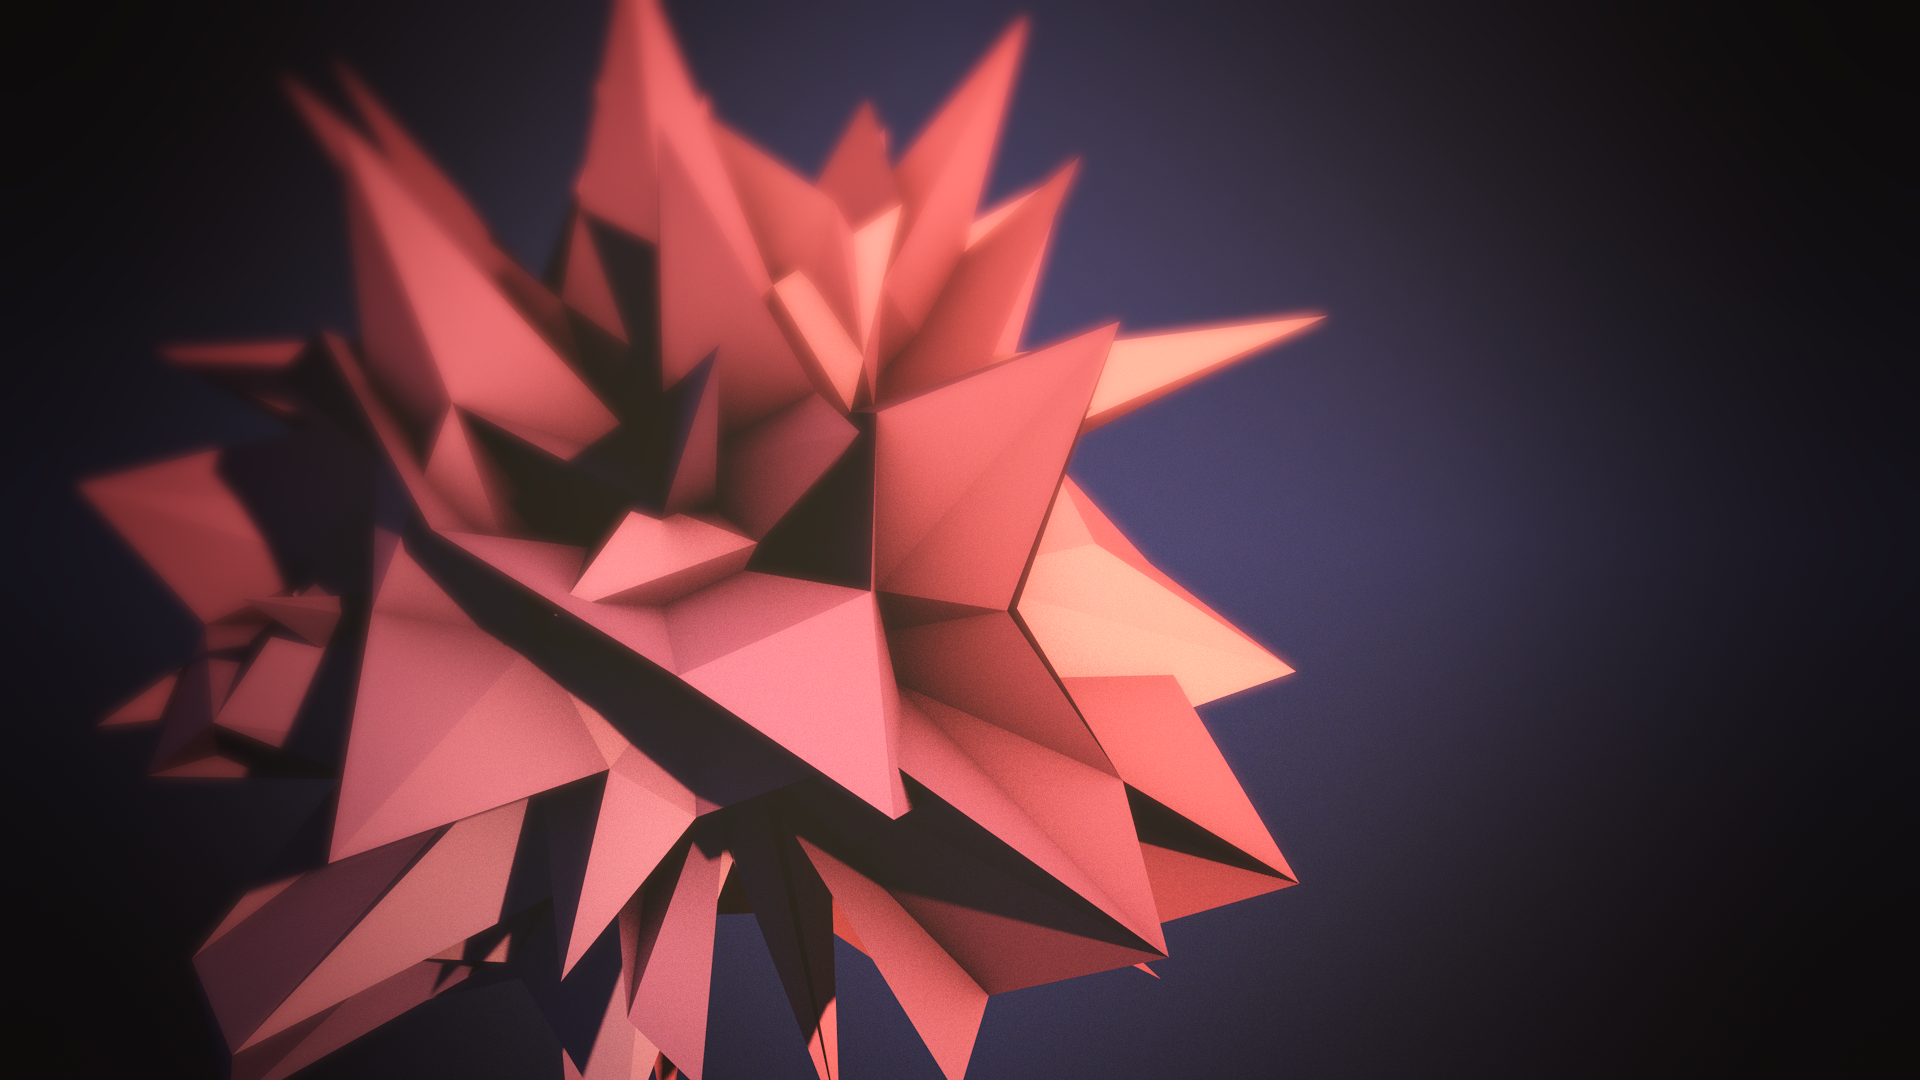 Low Poly Flower by maty241 1920x1080